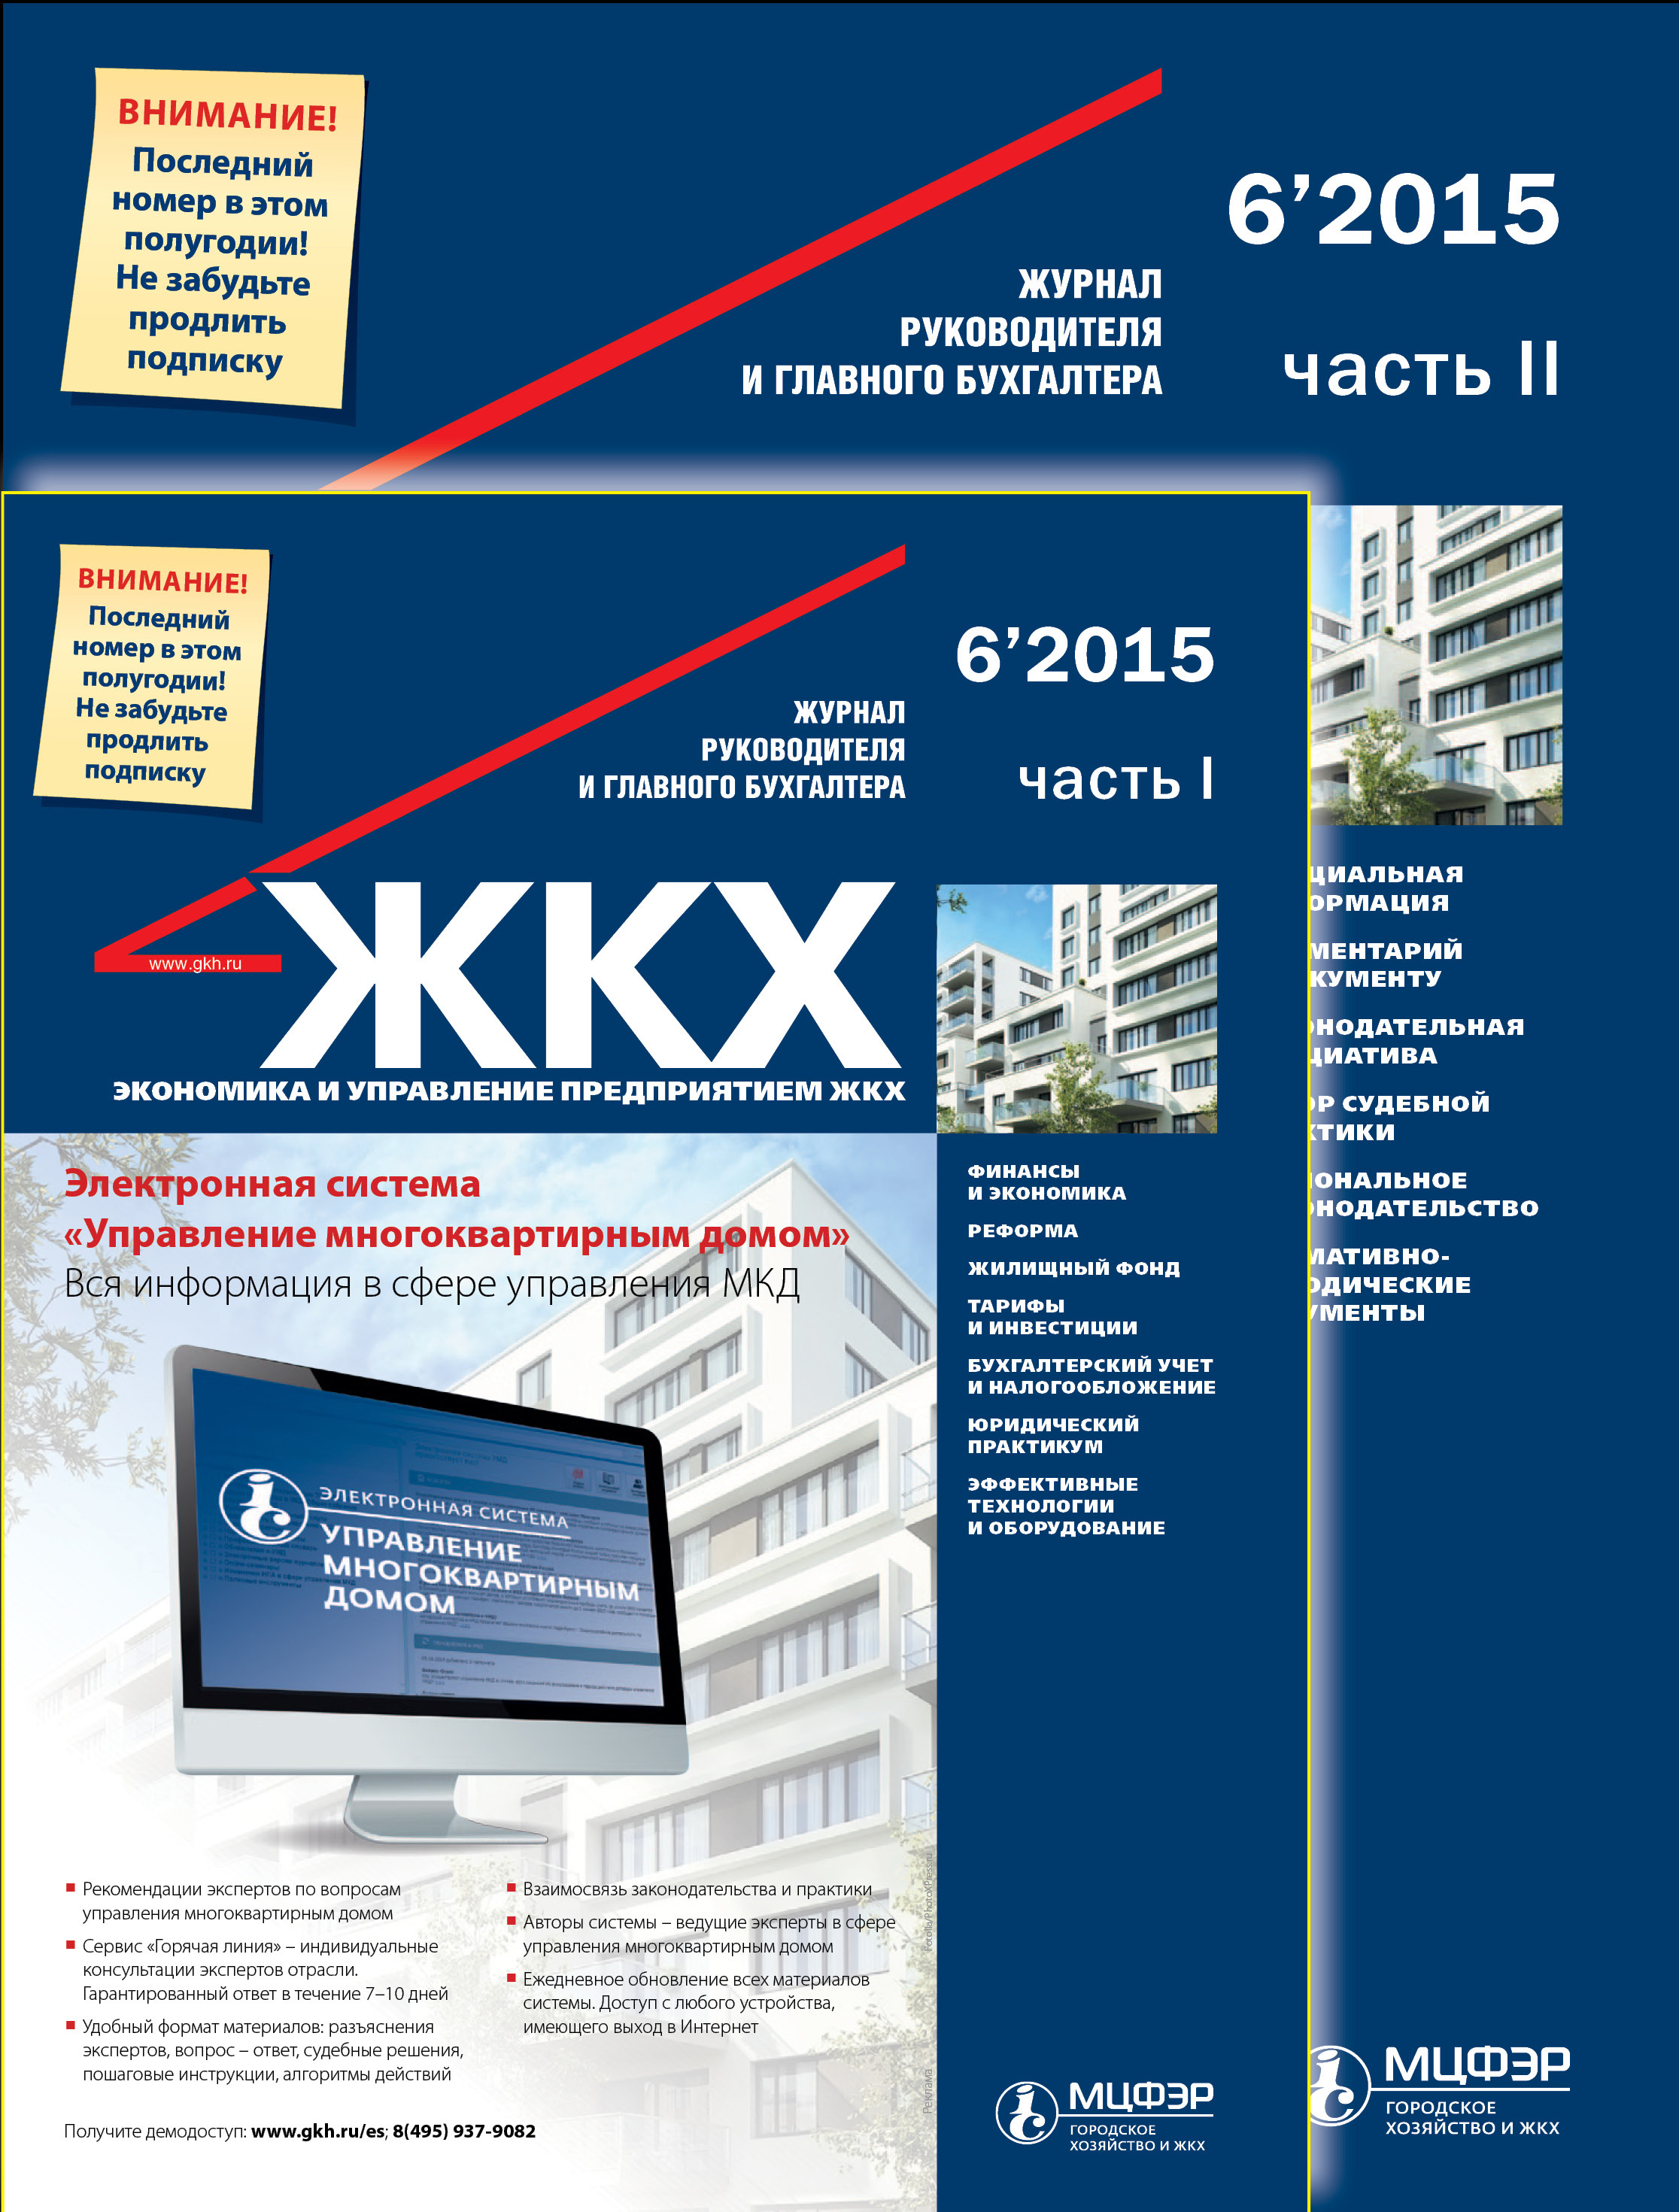 Отсутствует ЖКХ: журнал руководителя и главного бухгалтера № 6 2015 дворники жкх